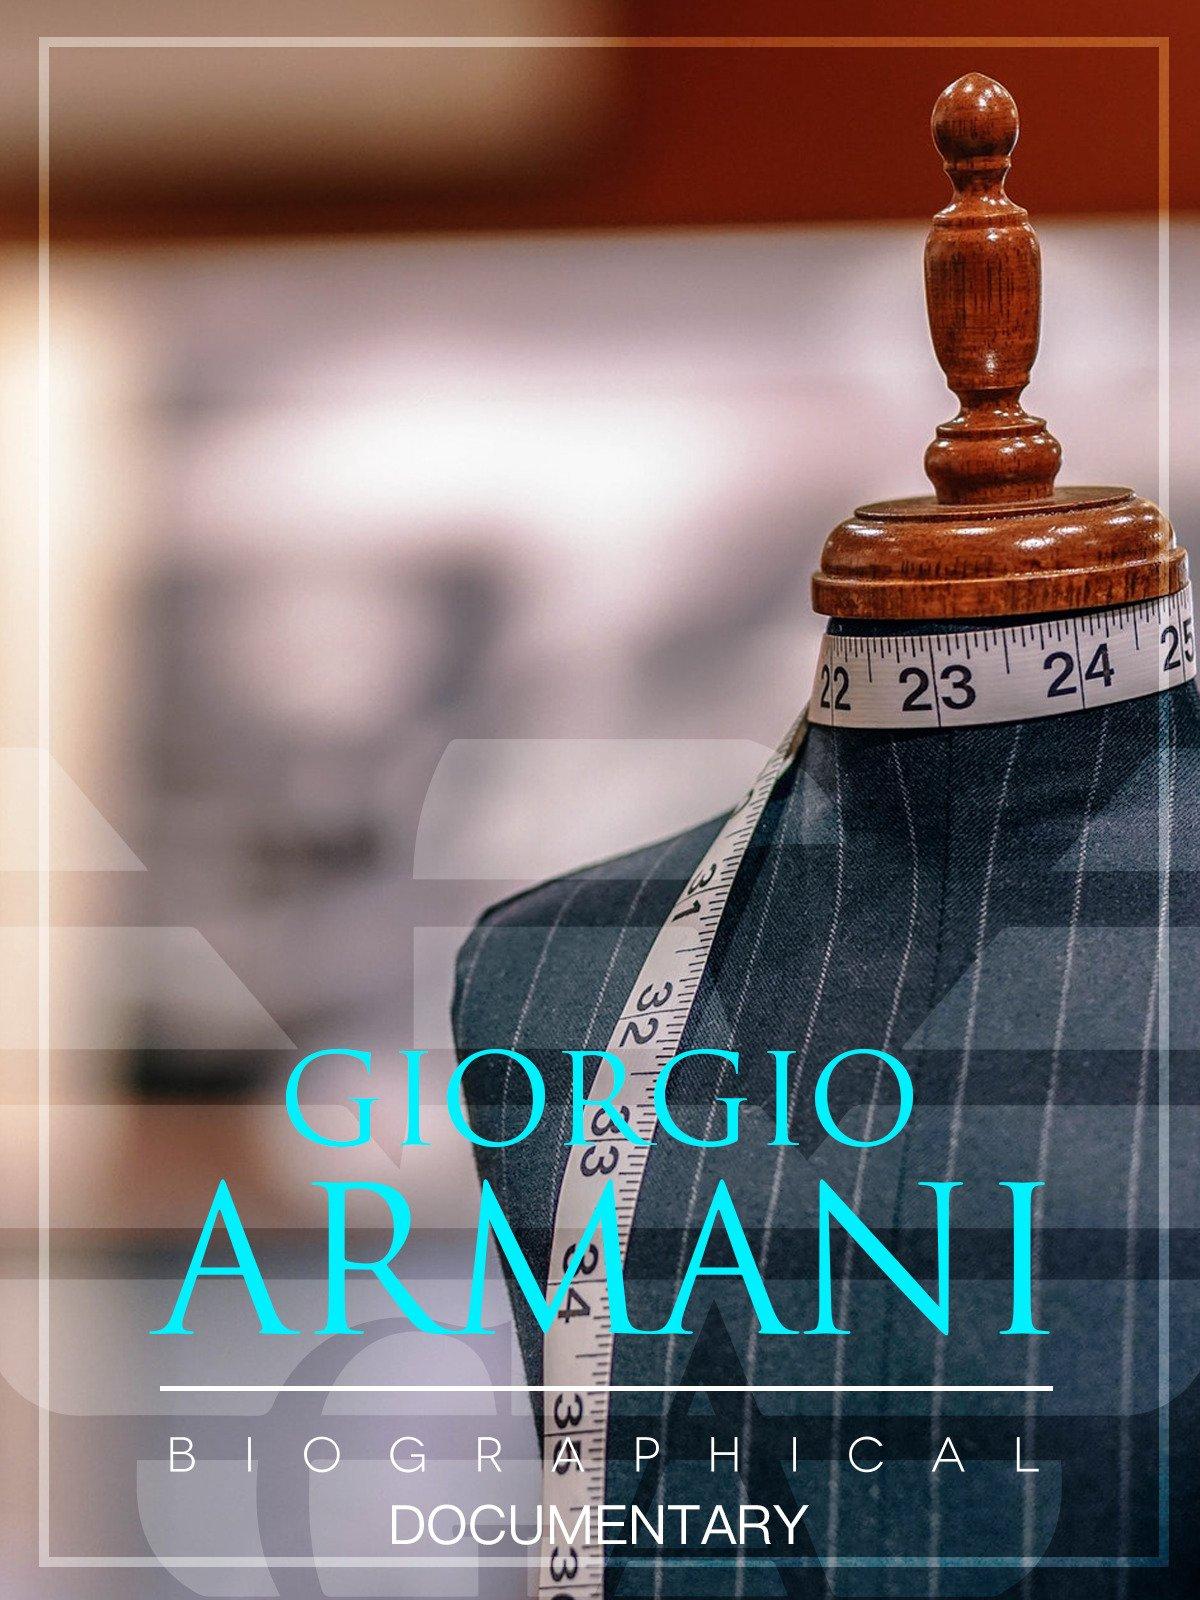 Giorgio Armani: Biographical Documentary